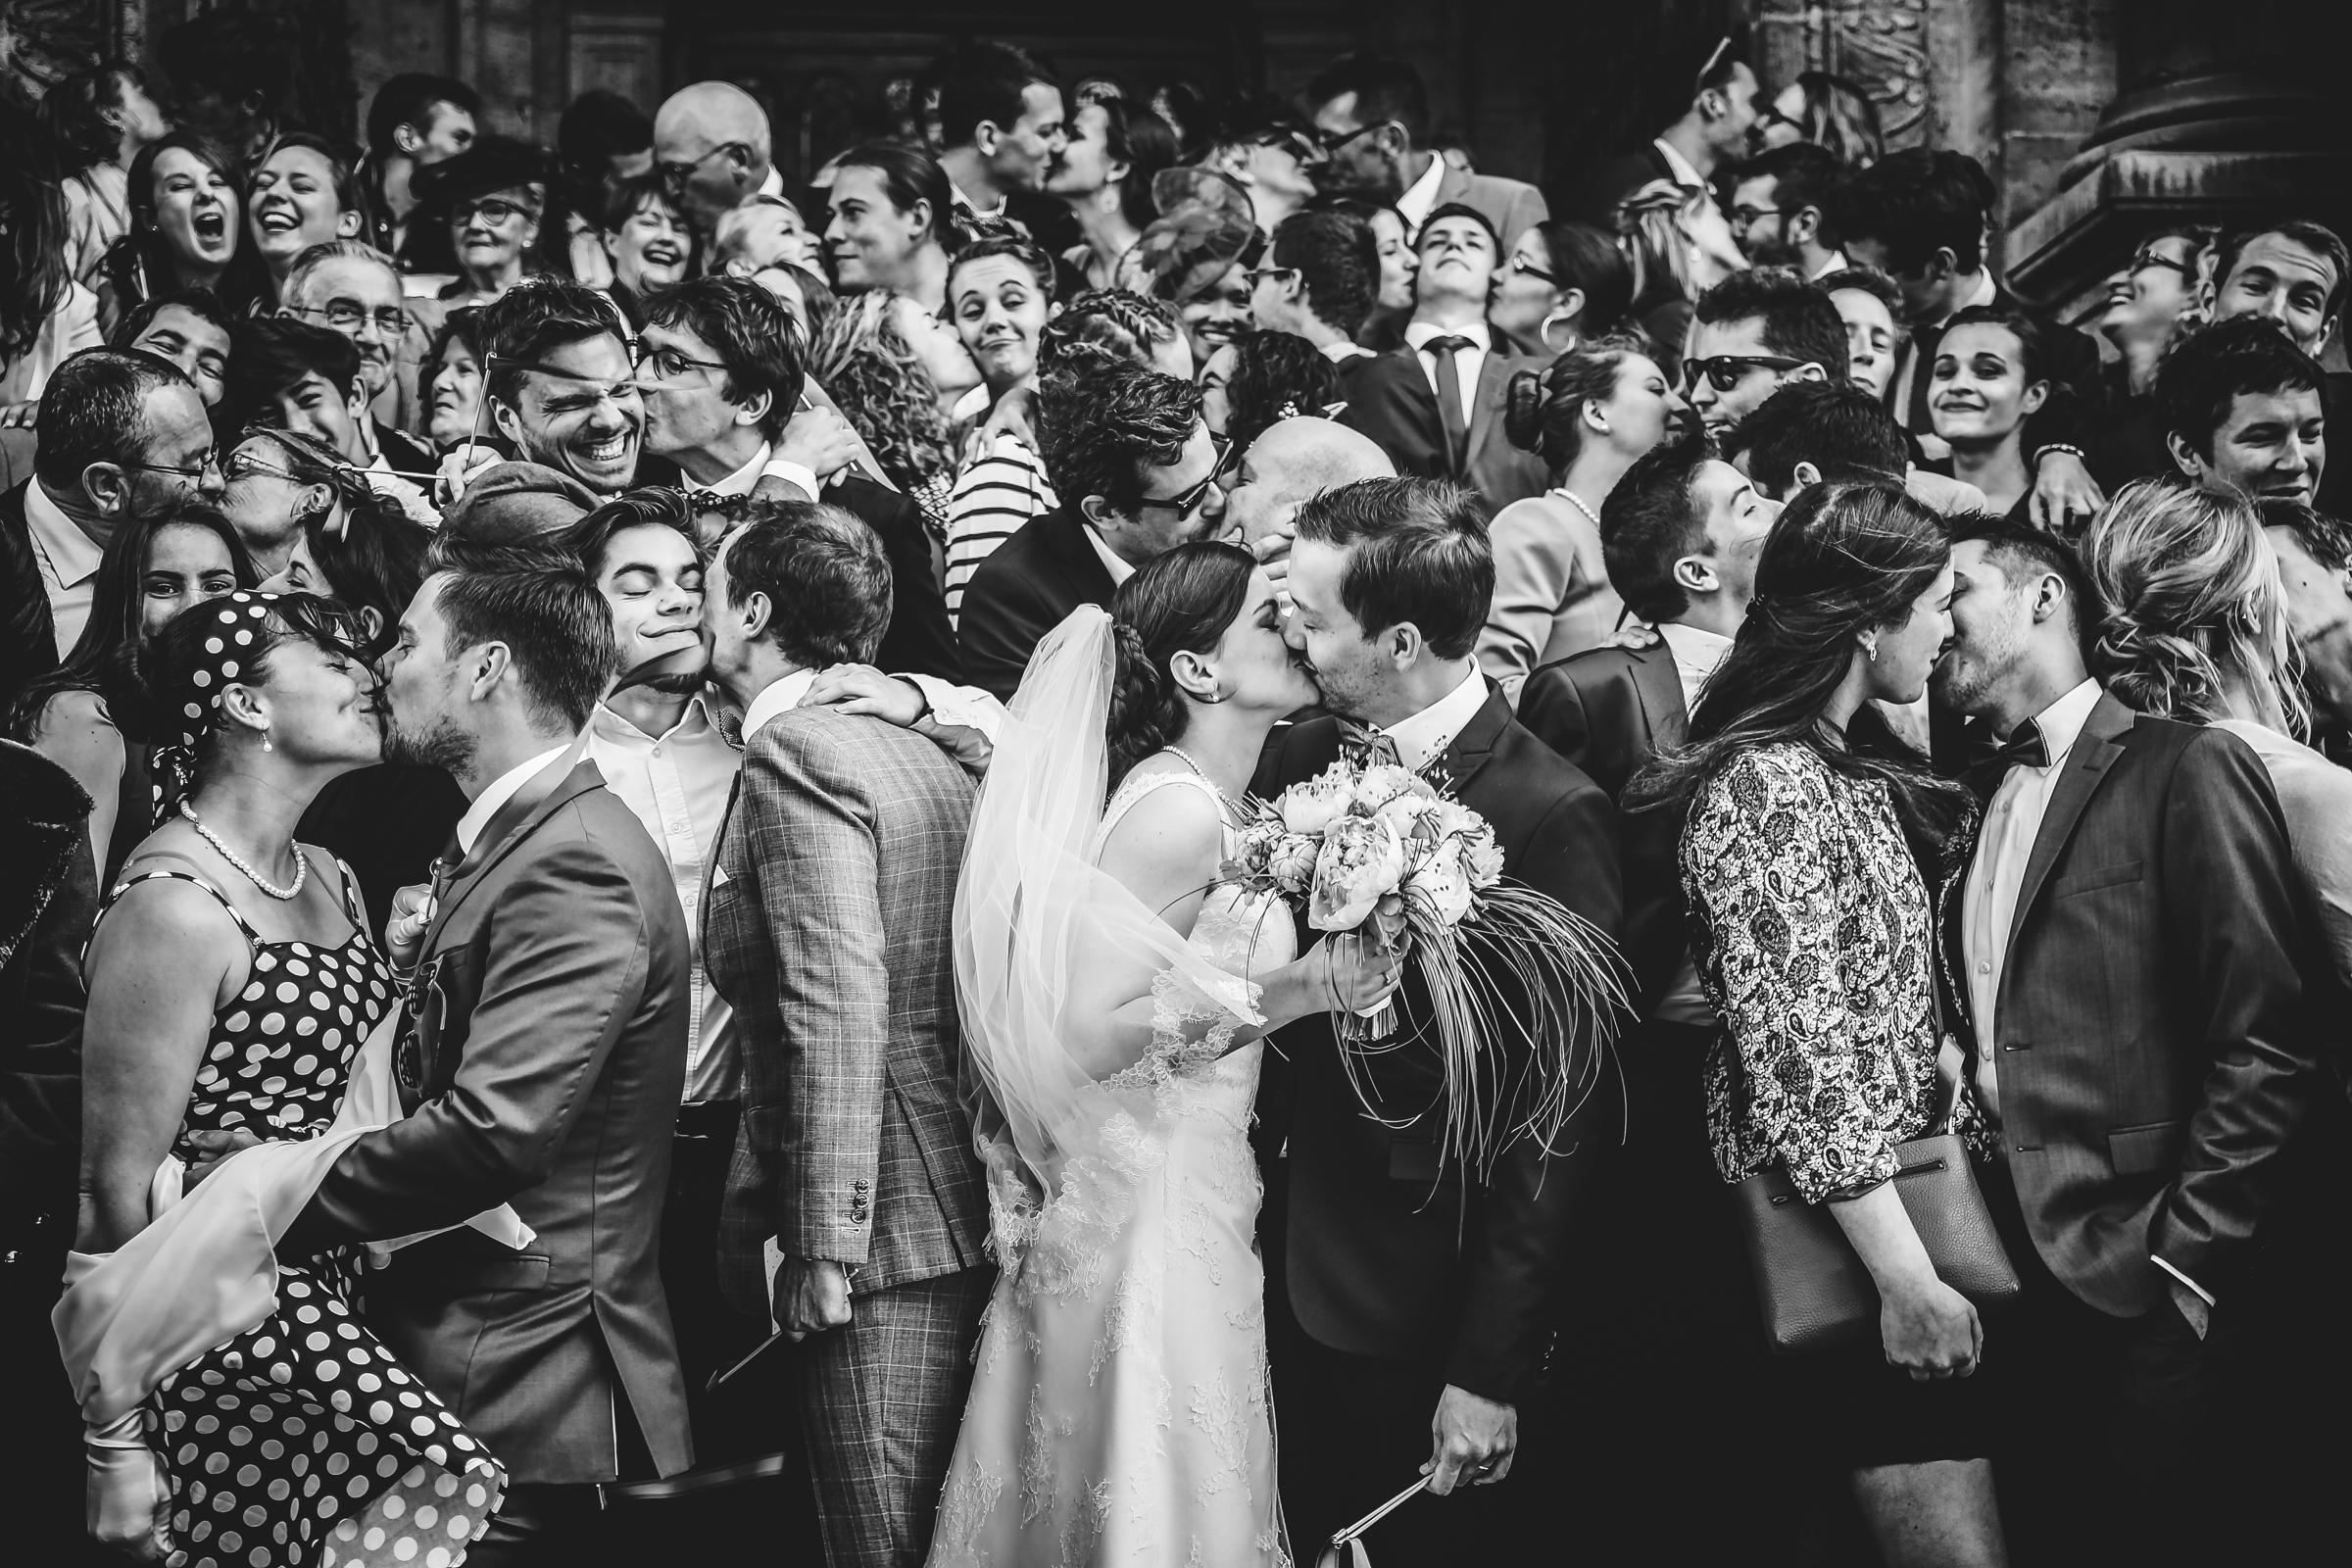 a-kissing-crowd-julien-laurent-georges